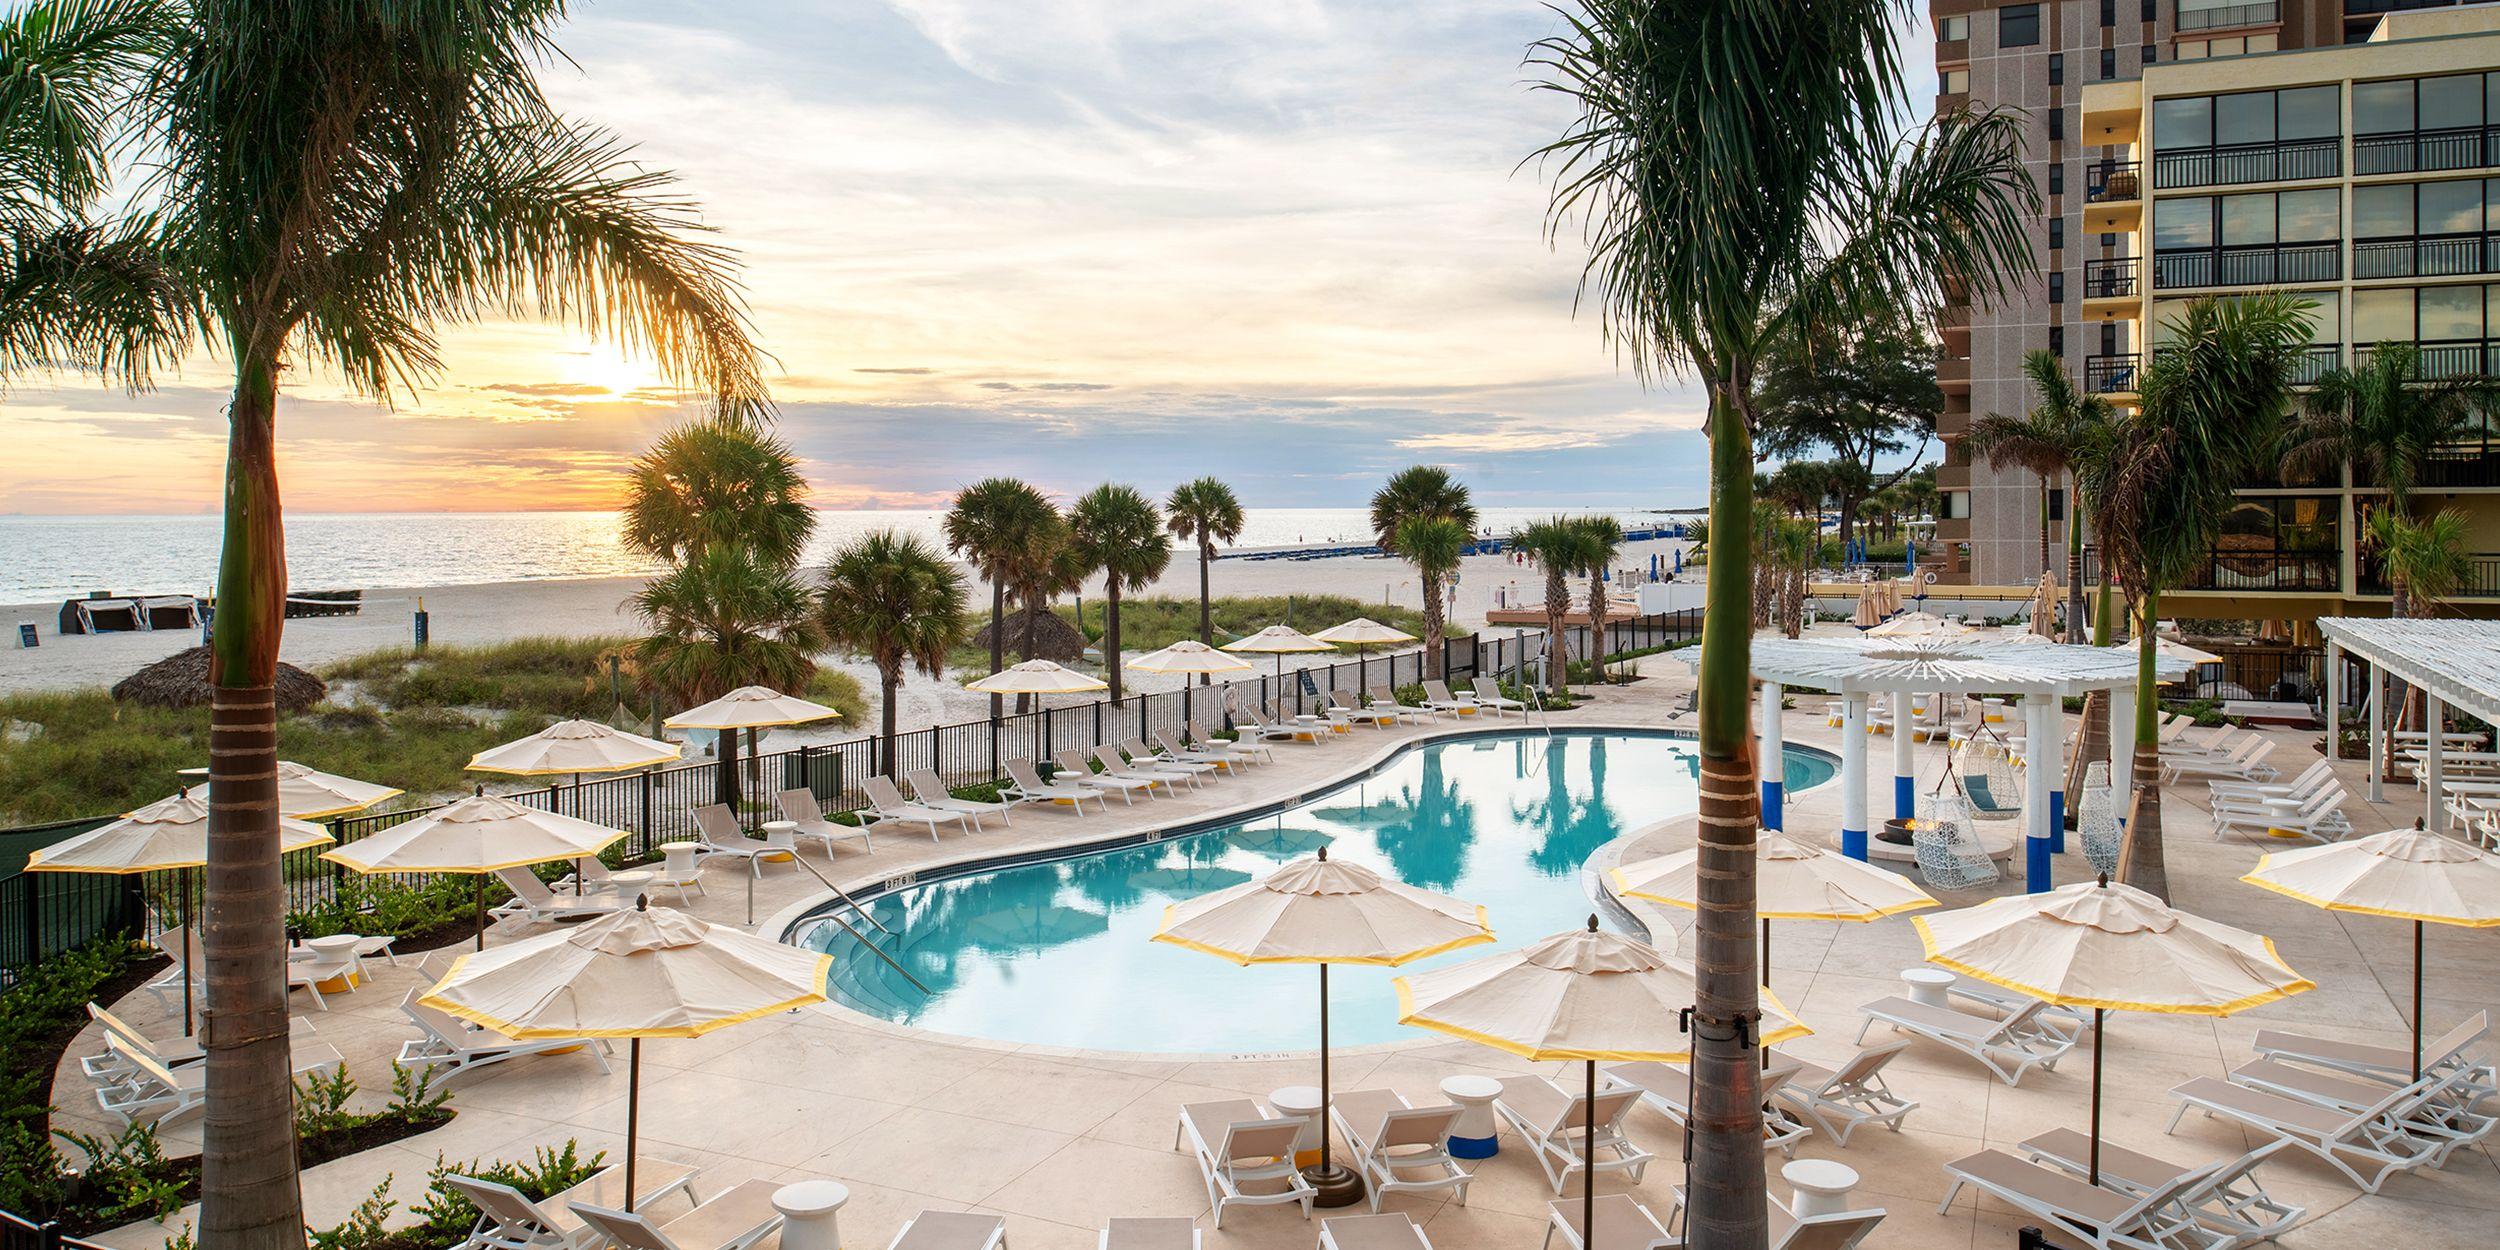 Sirata Beach Resort — St. Petersburg